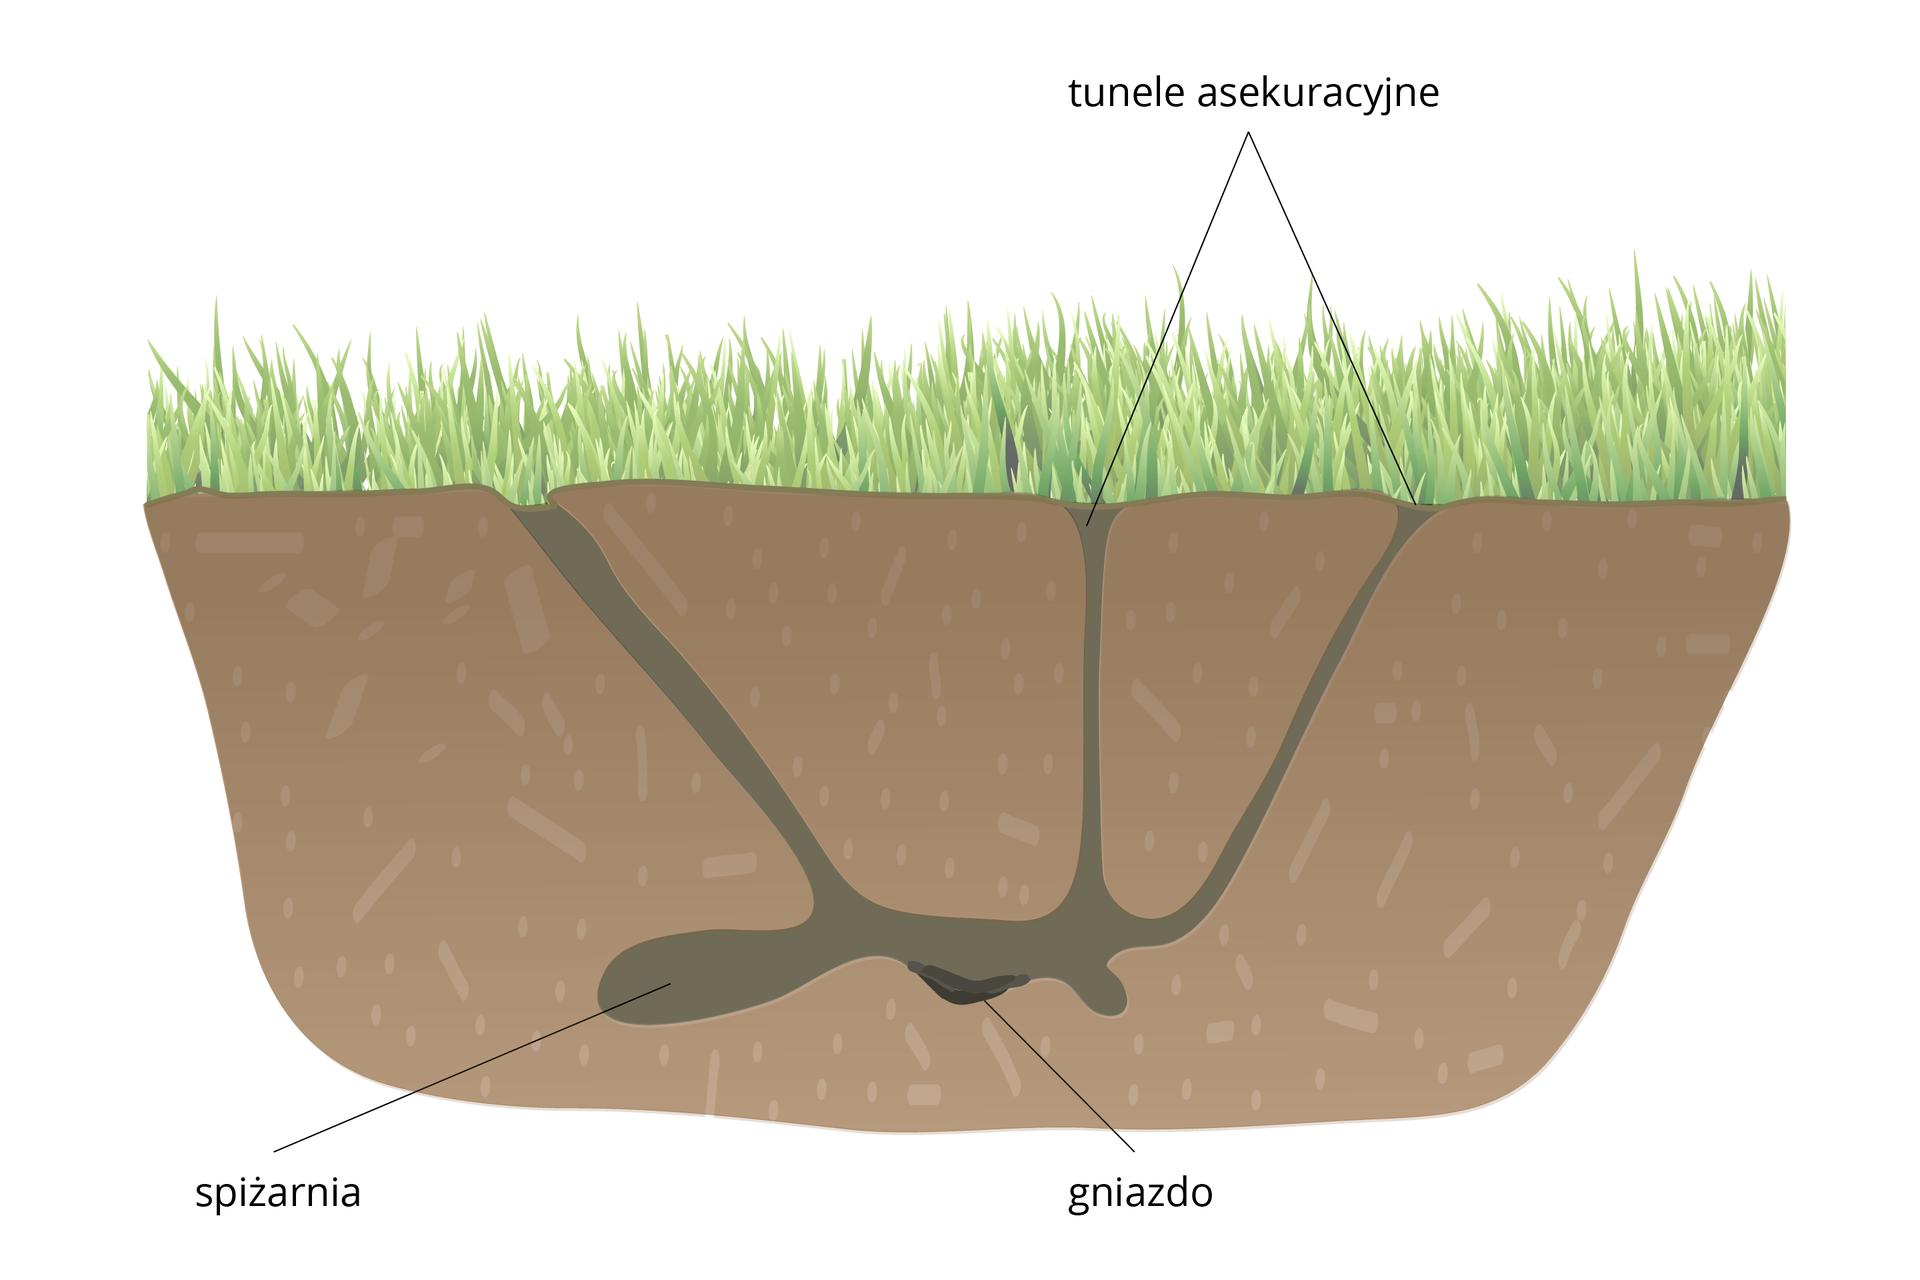 Ilustracja przedstawia przekrój pionowy przez trawiasty teren. Wziemi znajdują się ciemno zaznaczone tunele ikomory. Wjednej na czarno zaznaczono gniazdo. To nora chomika.